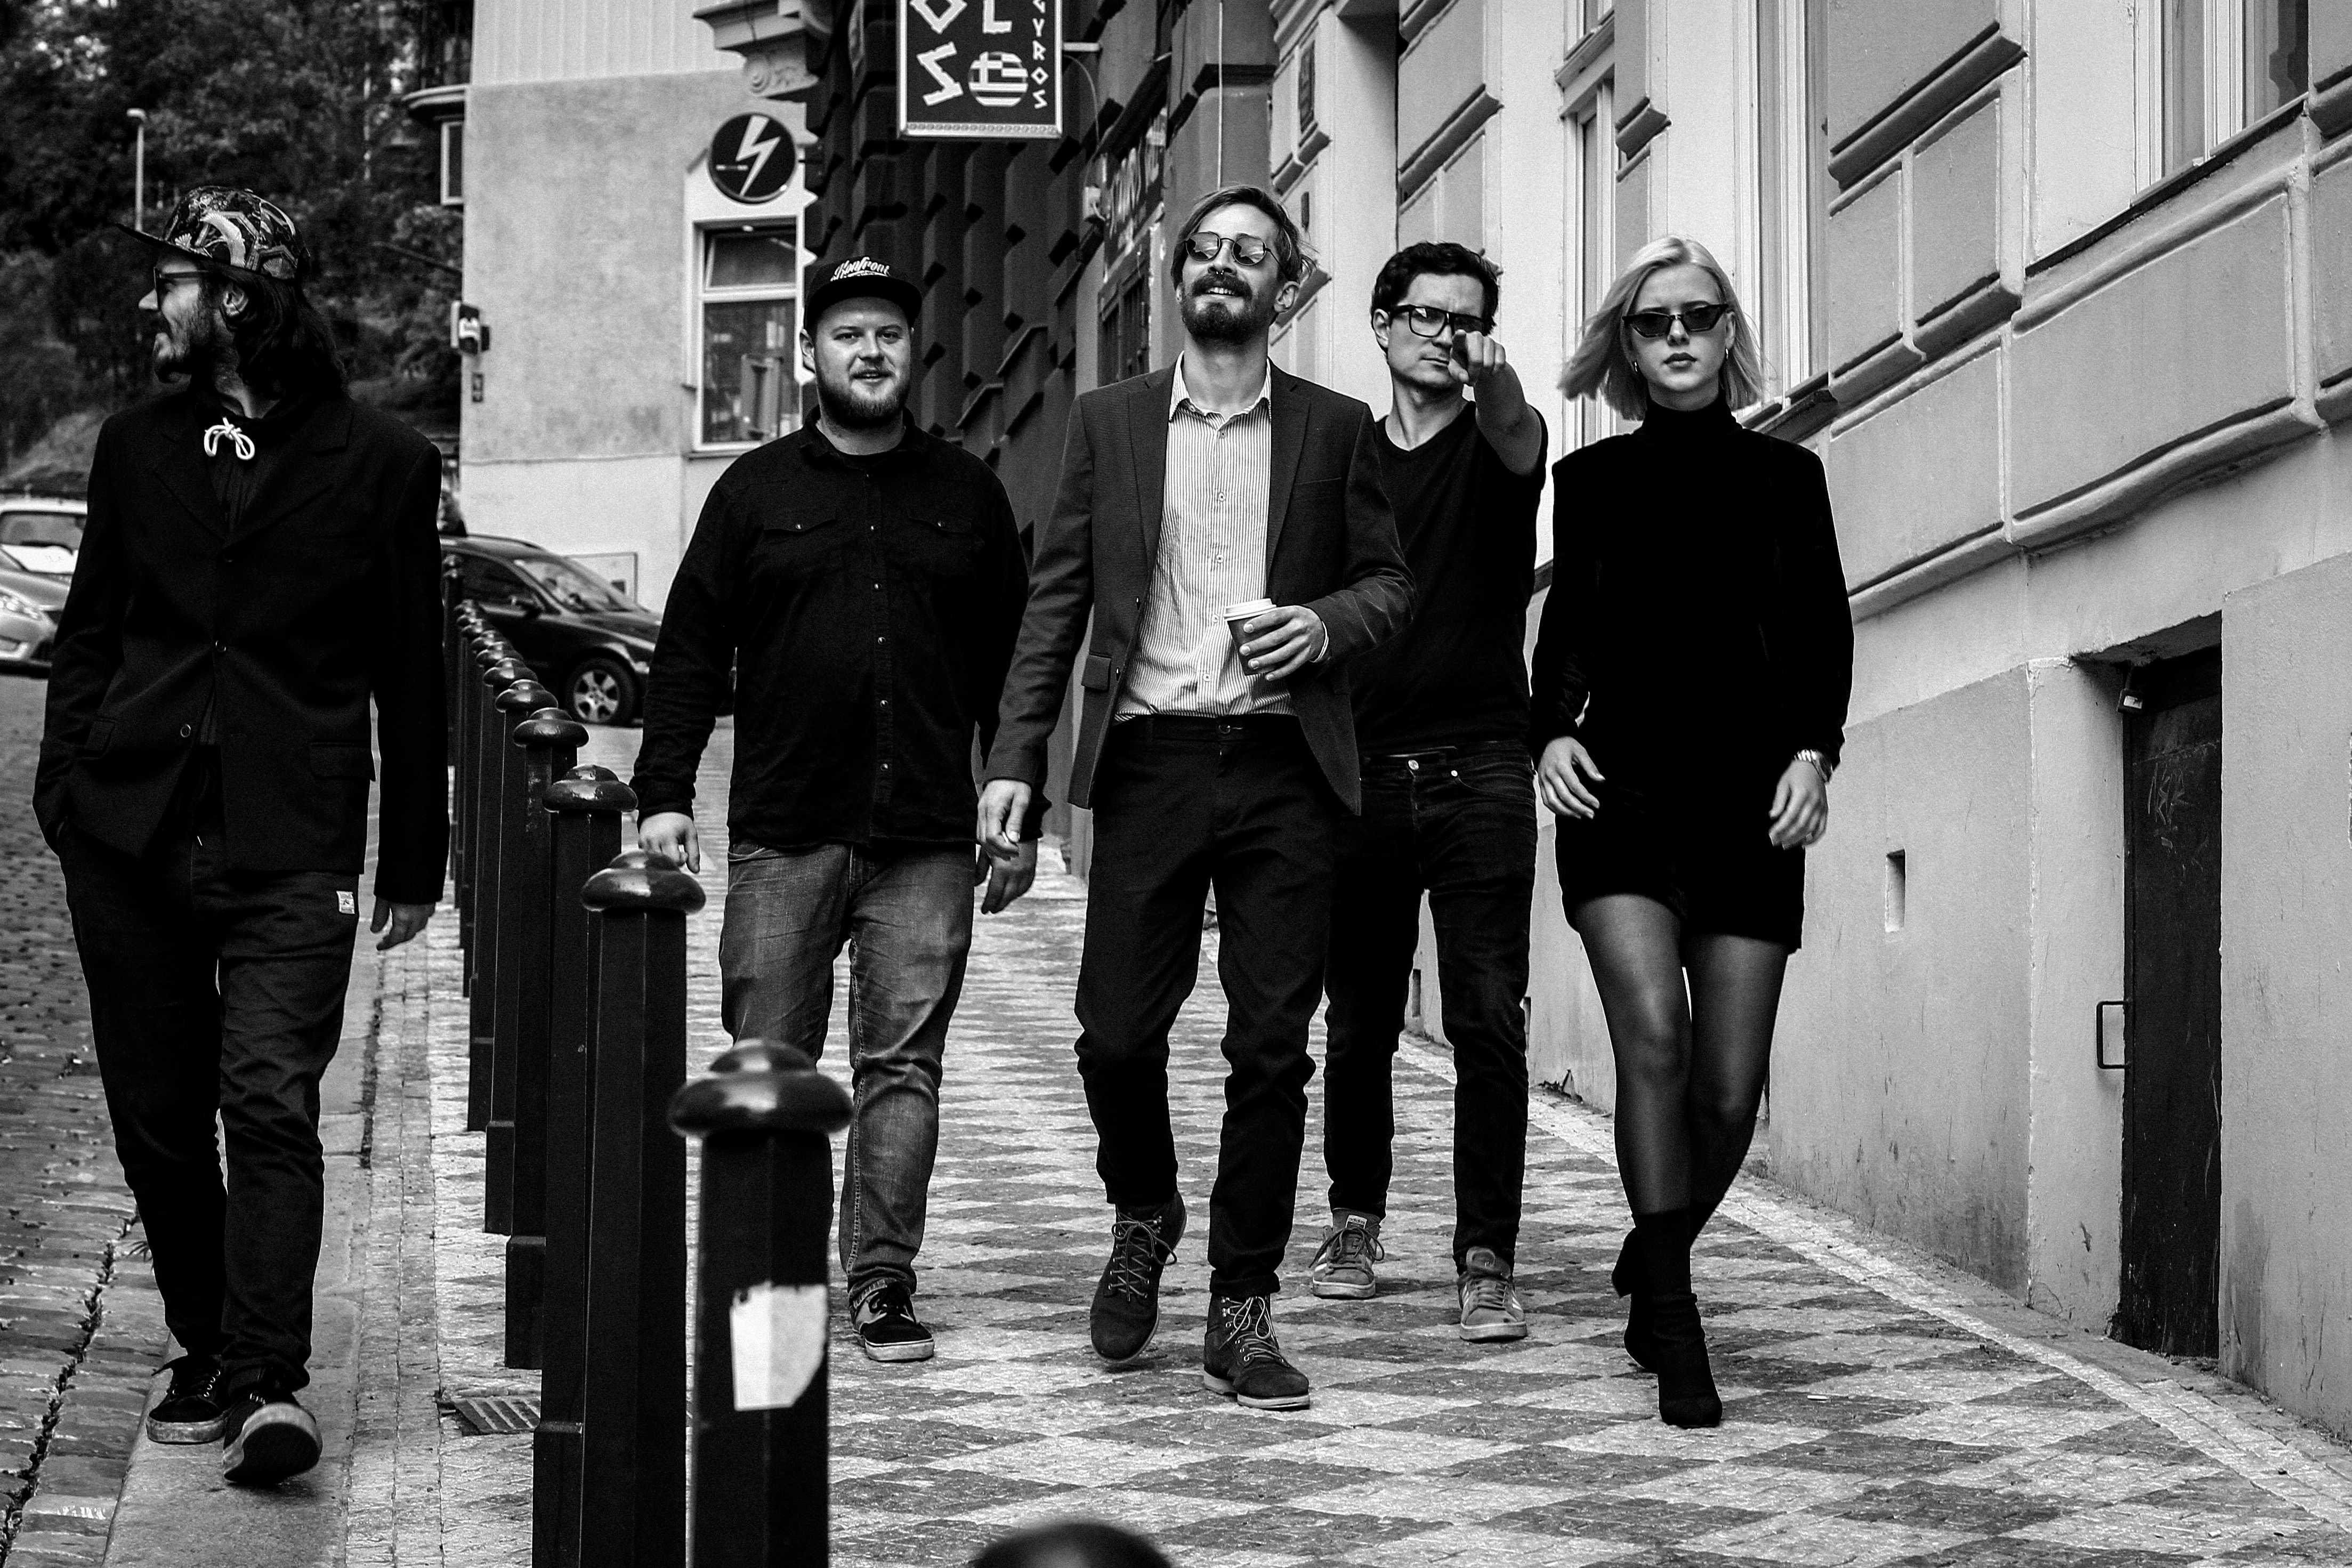 Mladí ladí jazz: 7krát3 live band & Ochepovsky Project feat ILÆY